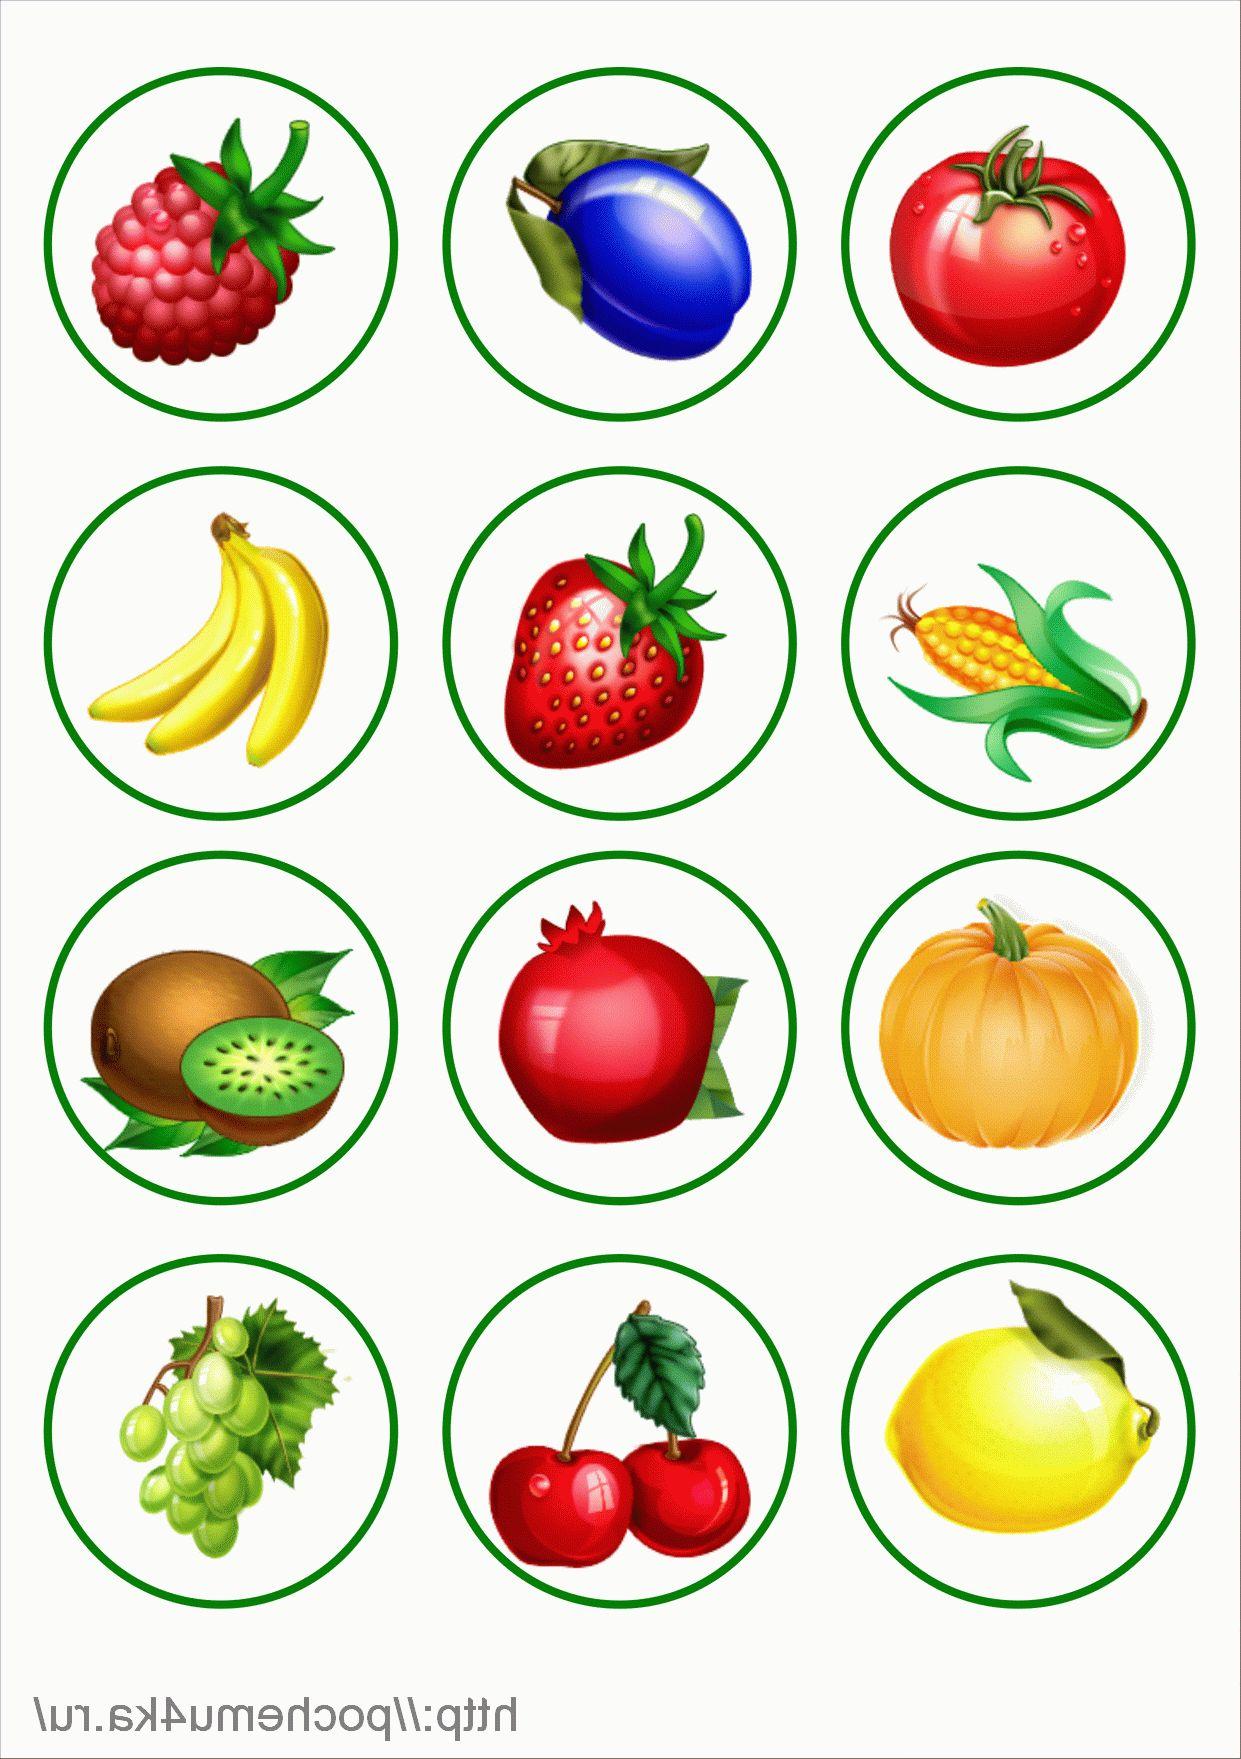 Предметные картинки овощей и фруктов для детей